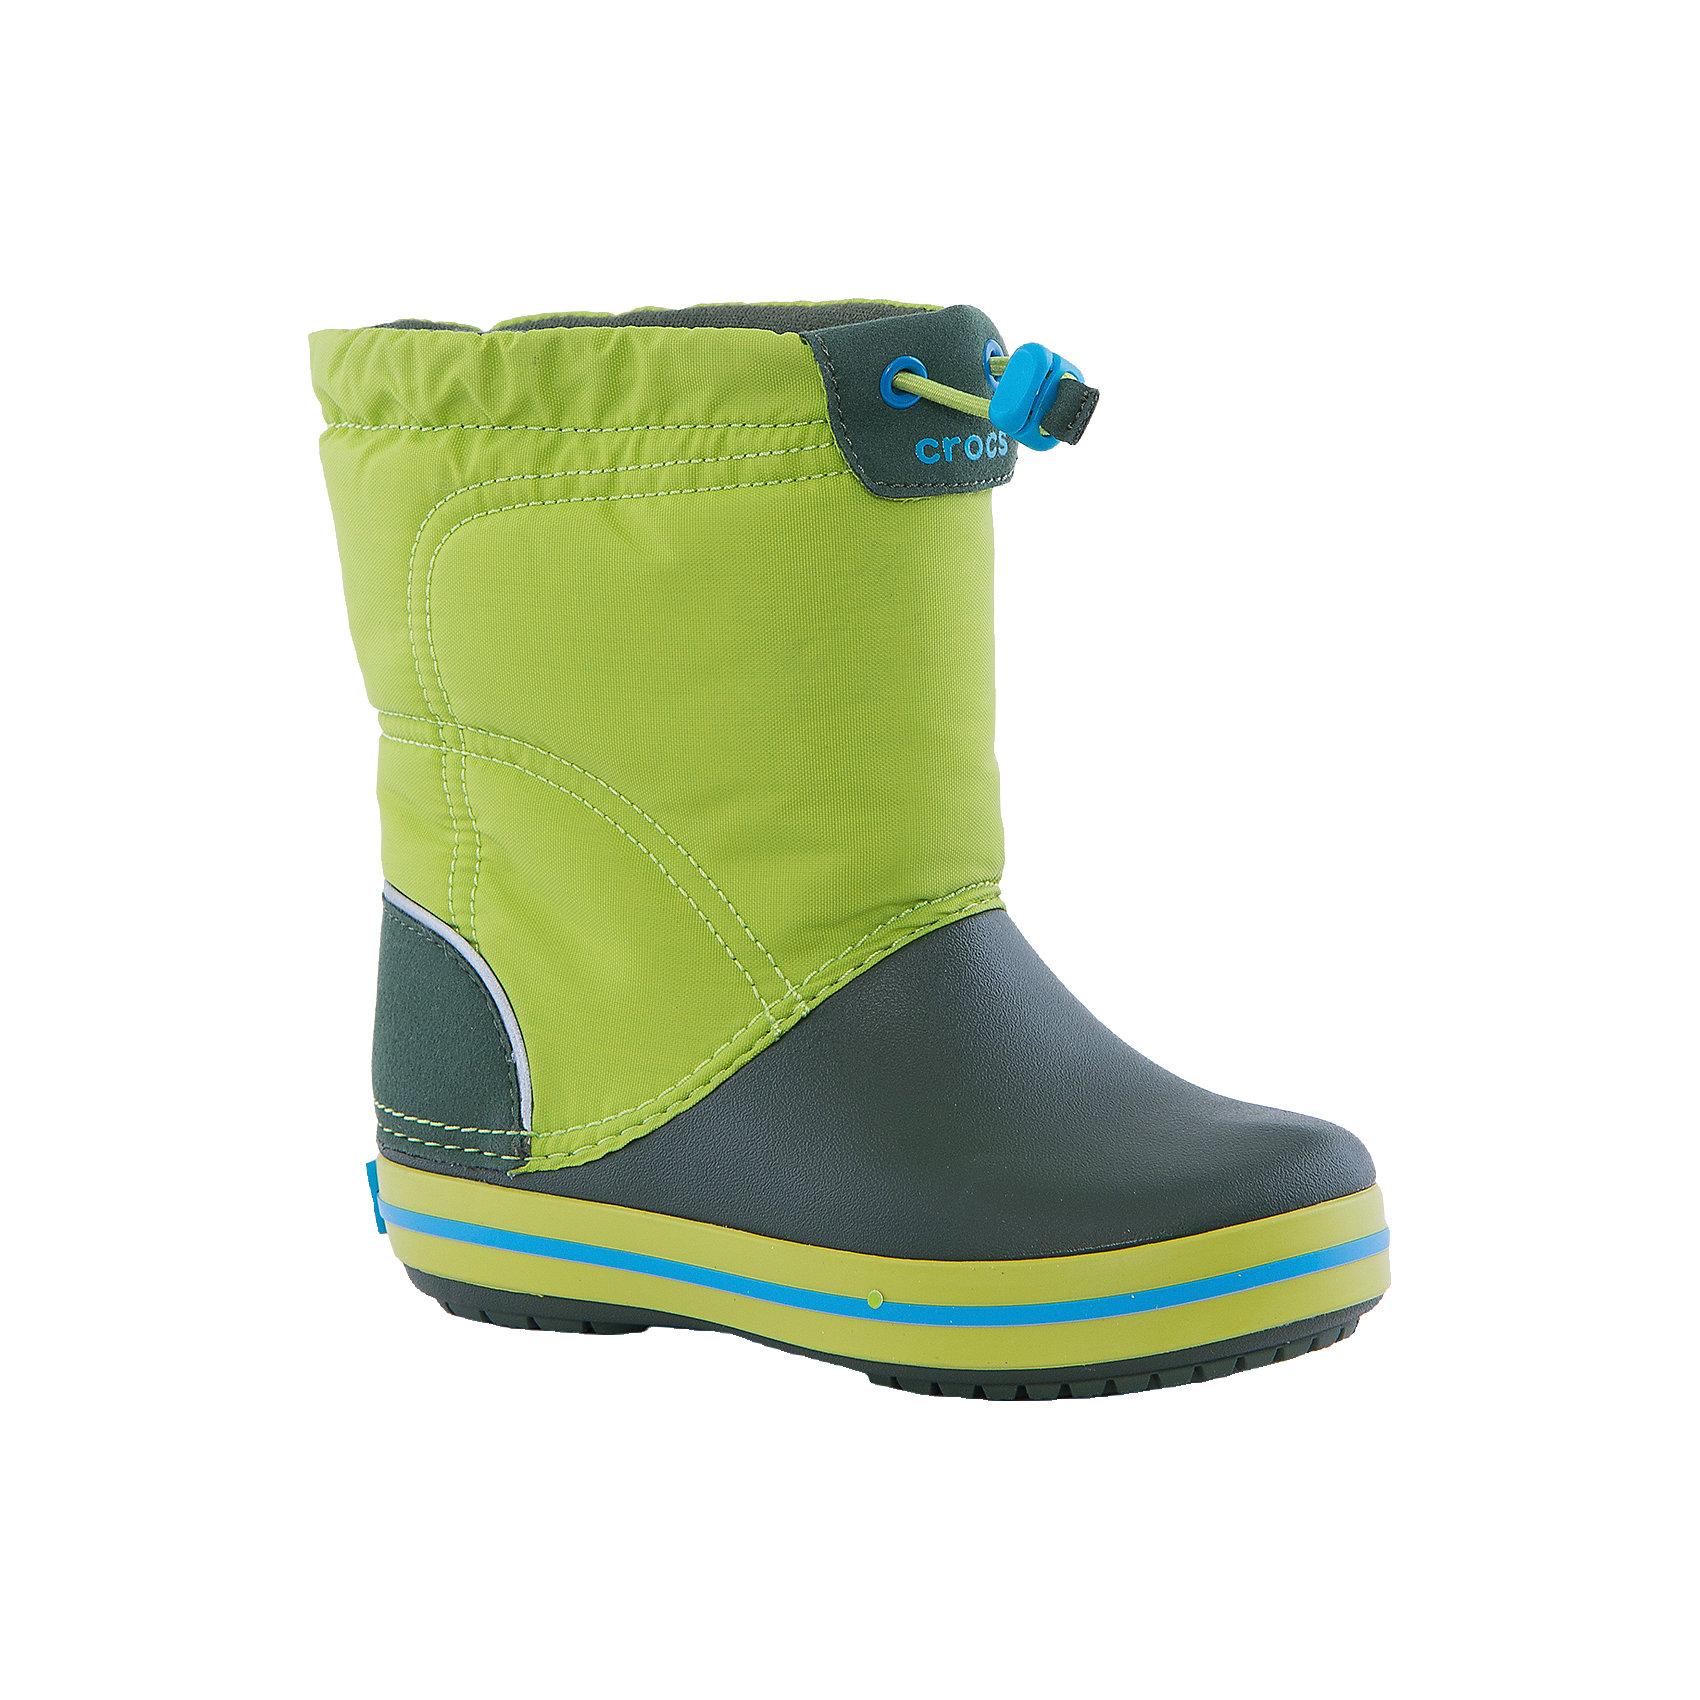 Резиновые сапоги Kids' Crocband LodgePoint Boot CrocsРезиновые сапоги<br>Характеристики товара:<br><br>• цвет: зеленый<br>• материал: верх - текстиль, низ -100% полимер Croslite™<br>• материал подкладки: текстиль<br>• непромокаемая носочная часть<br>• температурный режим: от -15° до +10° С<br>• легко очищаются<br>• антискользящая подошва<br>• застежка: шнурок со стоппером<br>• толстая устойчивая подошва<br>• страна бренда: США<br>• страна изготовитель: Китай<br><br>Сапоги могут быть и стильными, и теплыми! Для детской обуви крайне важно, чтобы она была удобной. Такие сапоги обеспечивают детям необходимый комфорт, а теплая подкладка создает особый микроклимат. Сапоги легко надеваются и снимаются, отлично сидят на ноге. Материал, из которого они сделаны, не дает размножаться бактериям, поэтому такая обувь препятствует образованию неприятного запаха и появлению болезней стоп. Данная модель особенно понравится детям - ведь в них можно бегать по лужам!<br>Обувь от американского бренда Crocs в данный момент завоевала широкую популярность во всем мире, и это не удивительно - ведь она невероятно удобна. Её носят врачи, спортсмены, звёзды шоу-бизнеса, люди, которым много времени приходится бывать на ногах - они понимают, как важна комфортная обувь. Продукция Crocs - это качественные товары, созданные с применением новейших технологий. Обувь отличается стильным дизайном и продуманной конструкцией. Изделие производится из качественных и проверенных материалов, которые безопасны для детей. <br><br>Резиновые сапоги от торговой марки Crocs можно купить в нашем интернет-магазине.<br><br>Ширина мм: 237<br>Глубина мм: 180<br>Высота мм: 152<br>Вес г: 438<br>Цвет: зеленый<br>Возраст от месяцев: 21<br>Возраст до месяцев: 24<br>Пол: Унисекс<br>Возраст: Детский<br>Размер: 24,34/35,27,28,29,30,23,25,26,31,33,34,31/32,33/34<br>SKU: 4940720